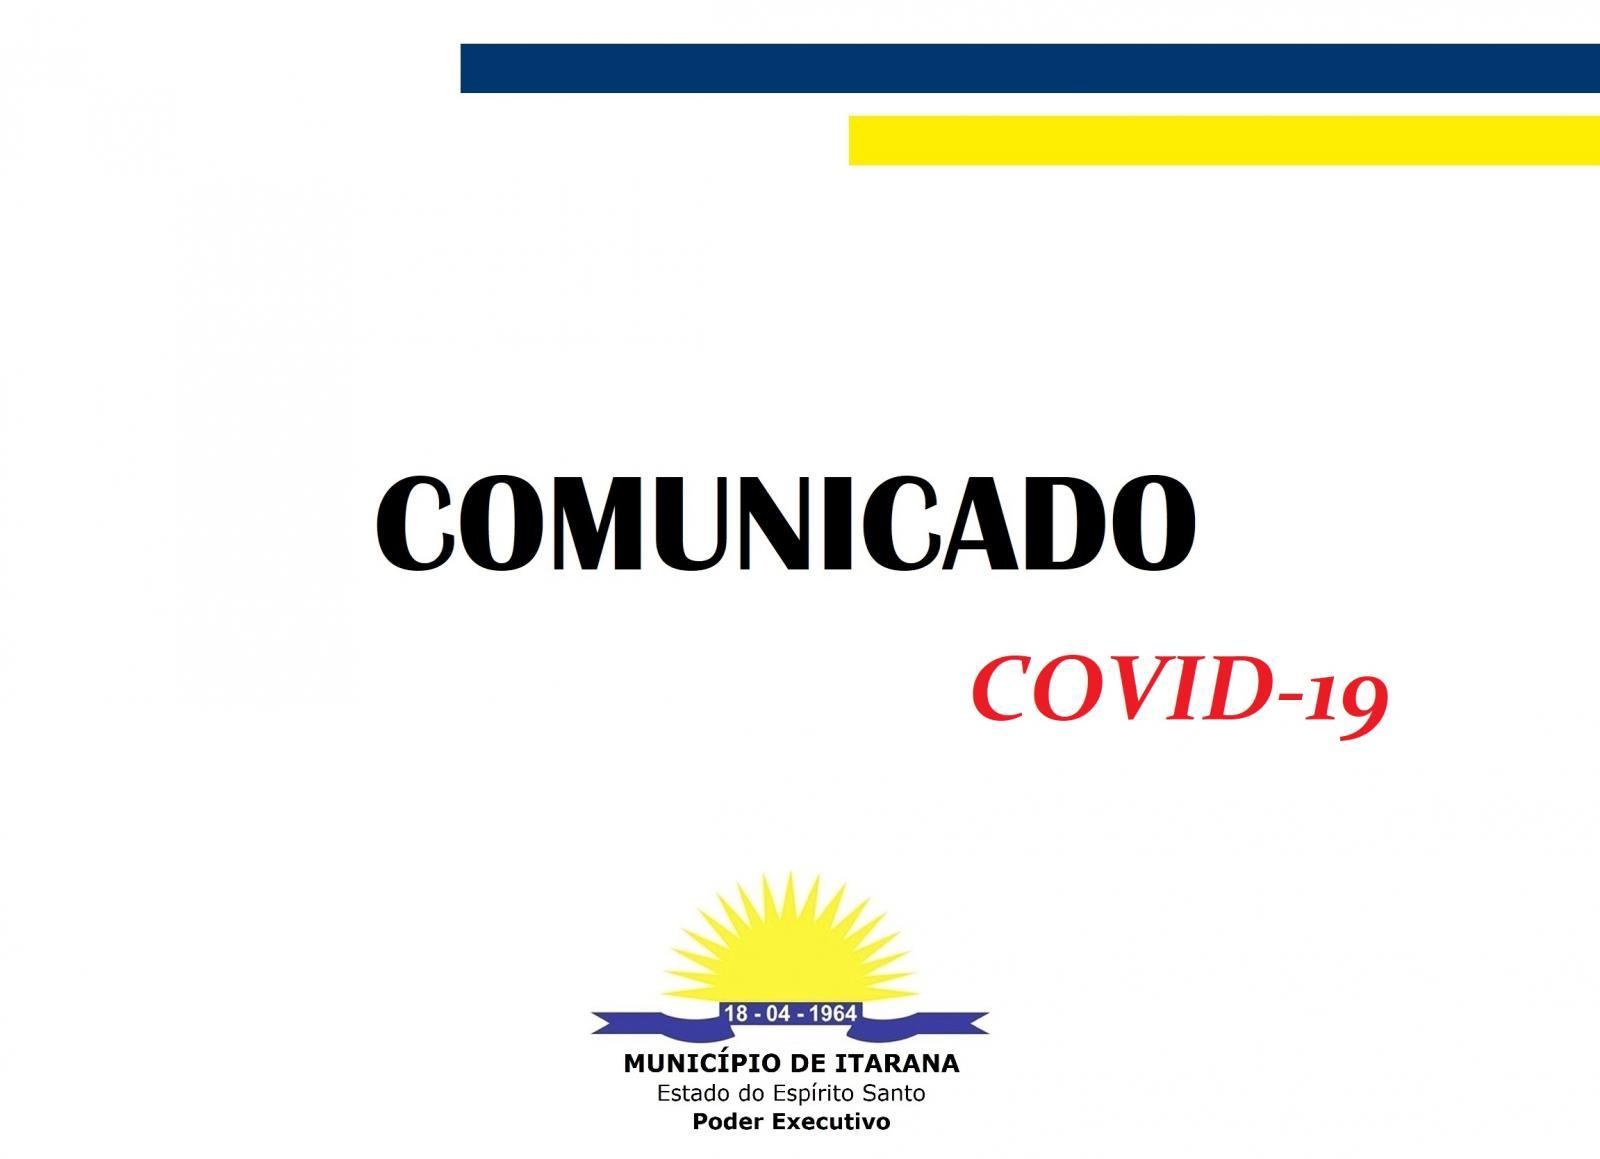 Comunicado - Coronavírus (COVID-19): Aulas da rede municipal de ensino ficam suspensas até dia 31 de outubro